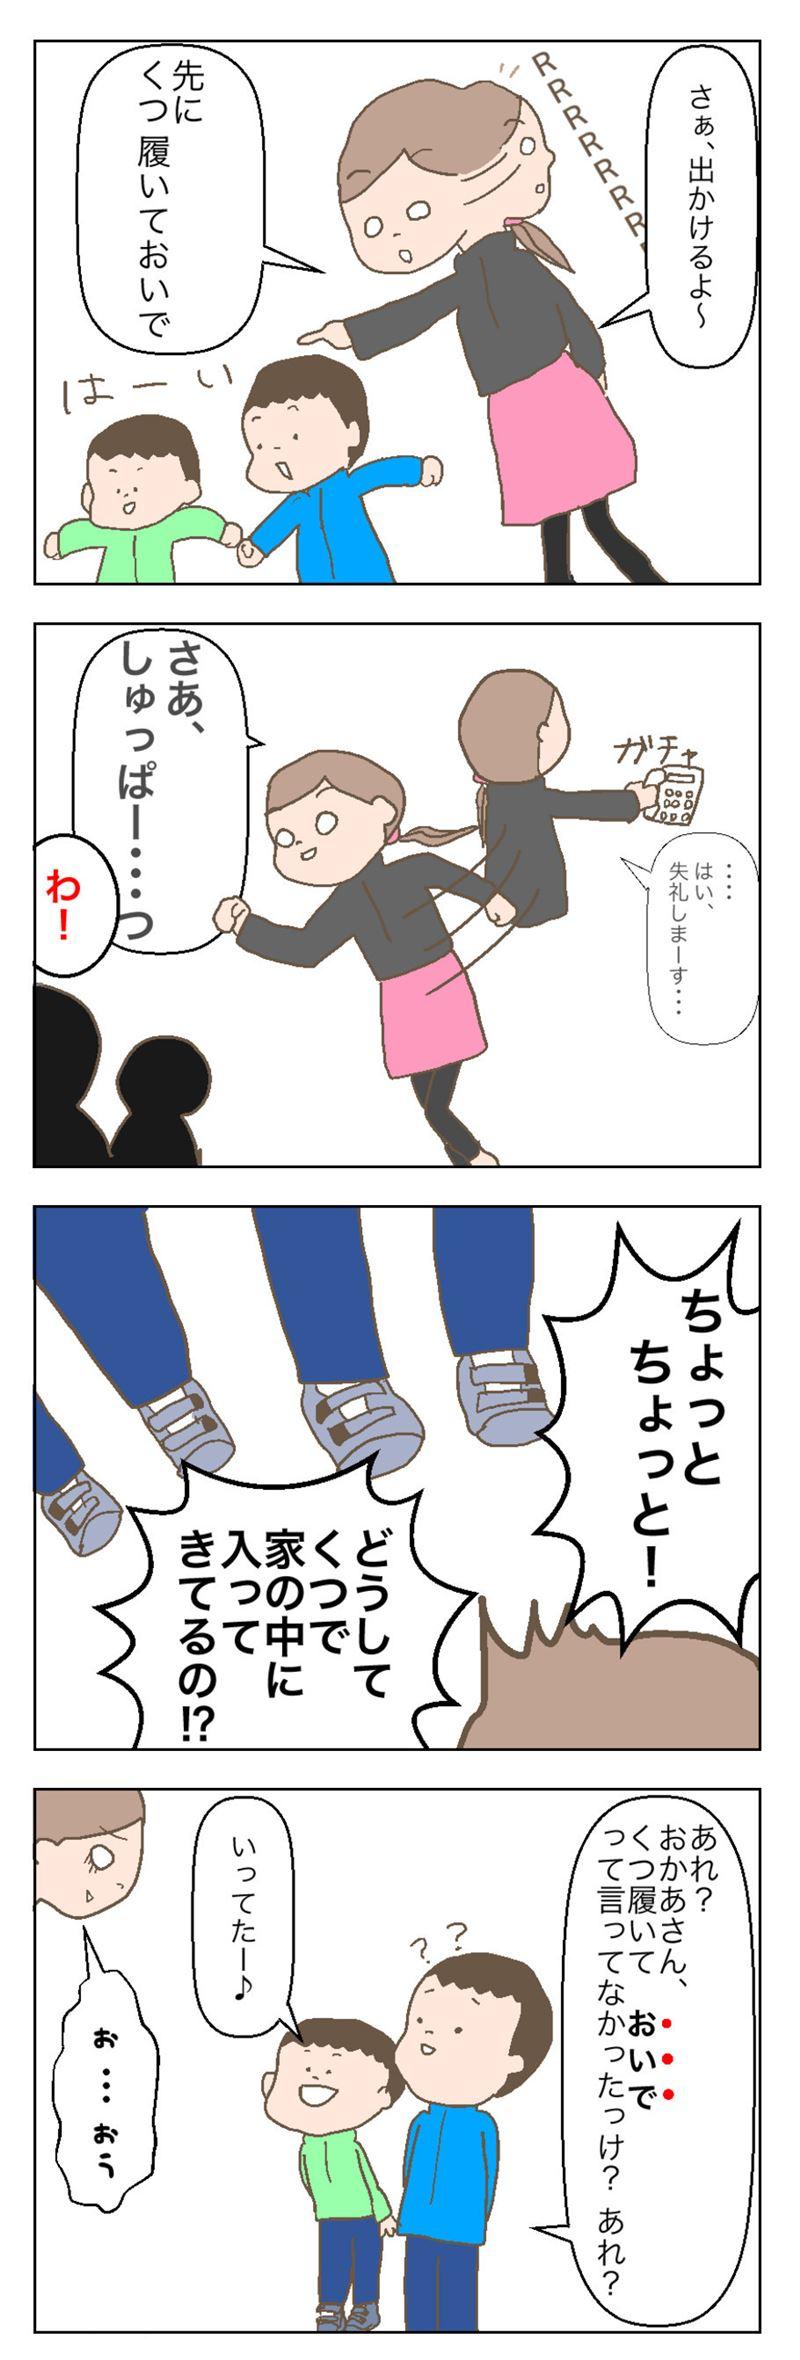 育児漫画02_R